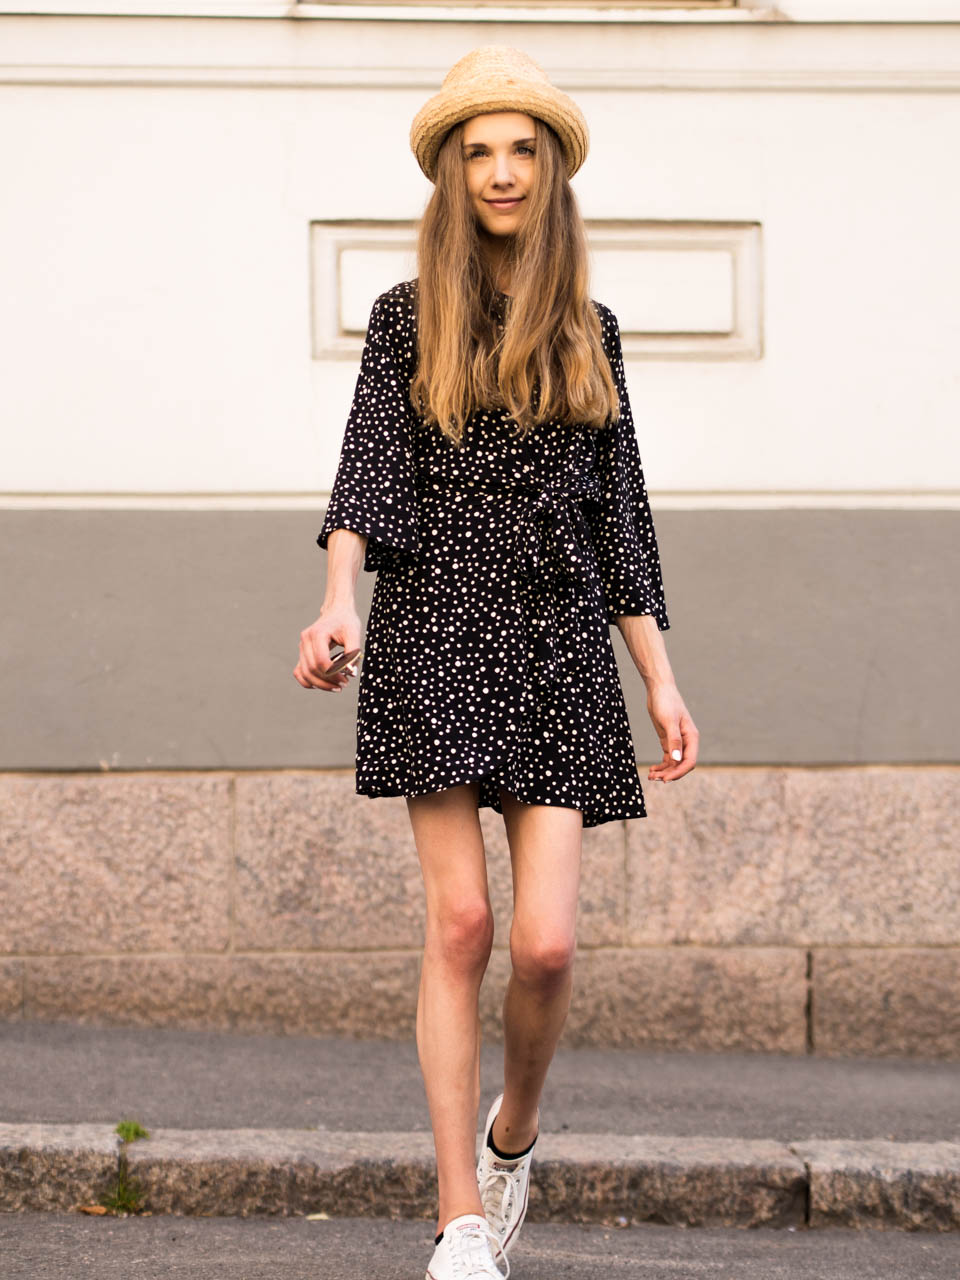 fashion-blogger-summer-style-polka-dot-dress